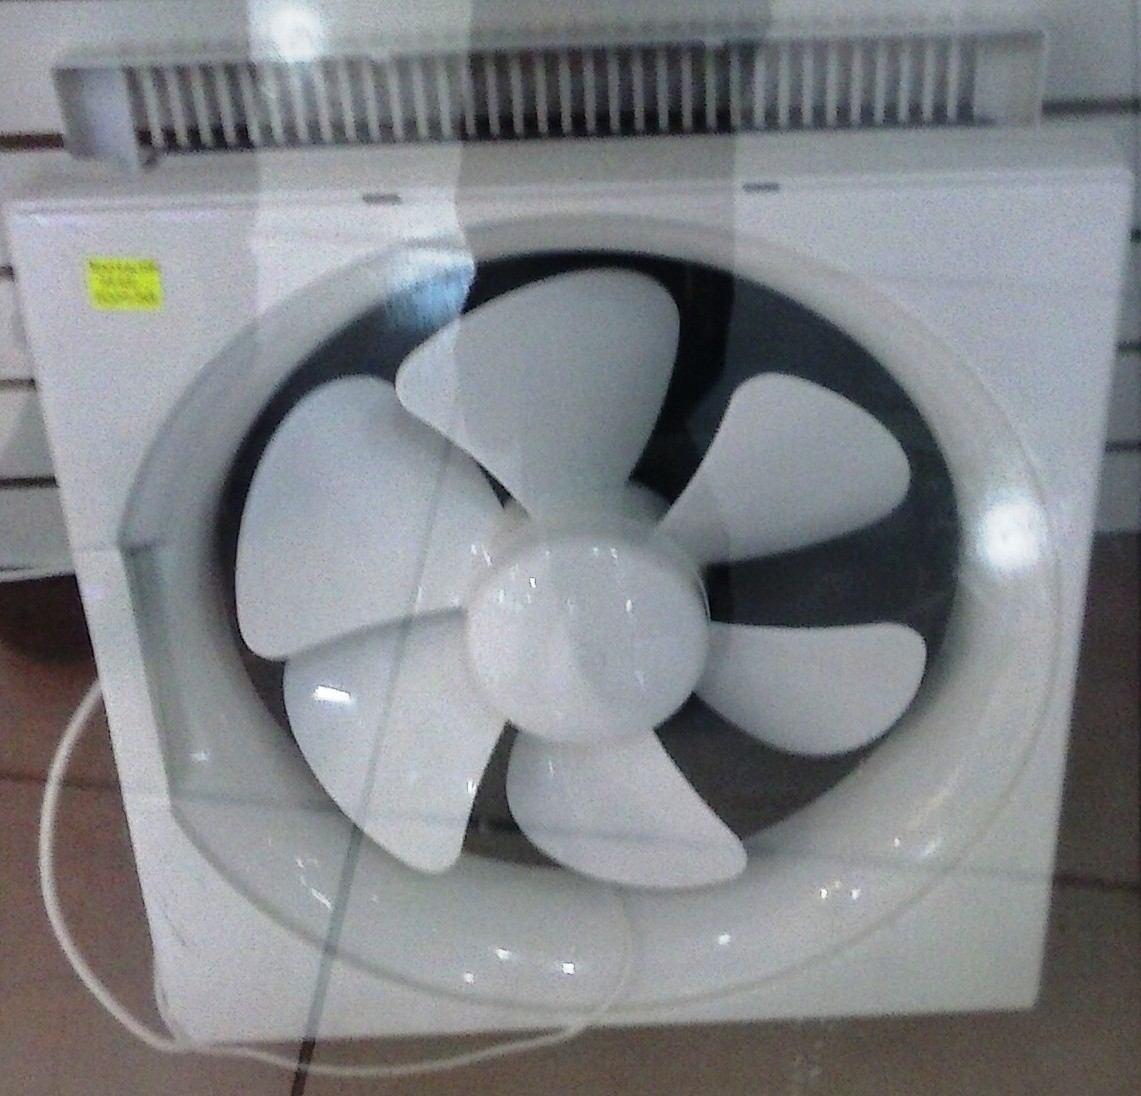 Extractor de aire ba o instalacion - Extractor de aire para cocina ...